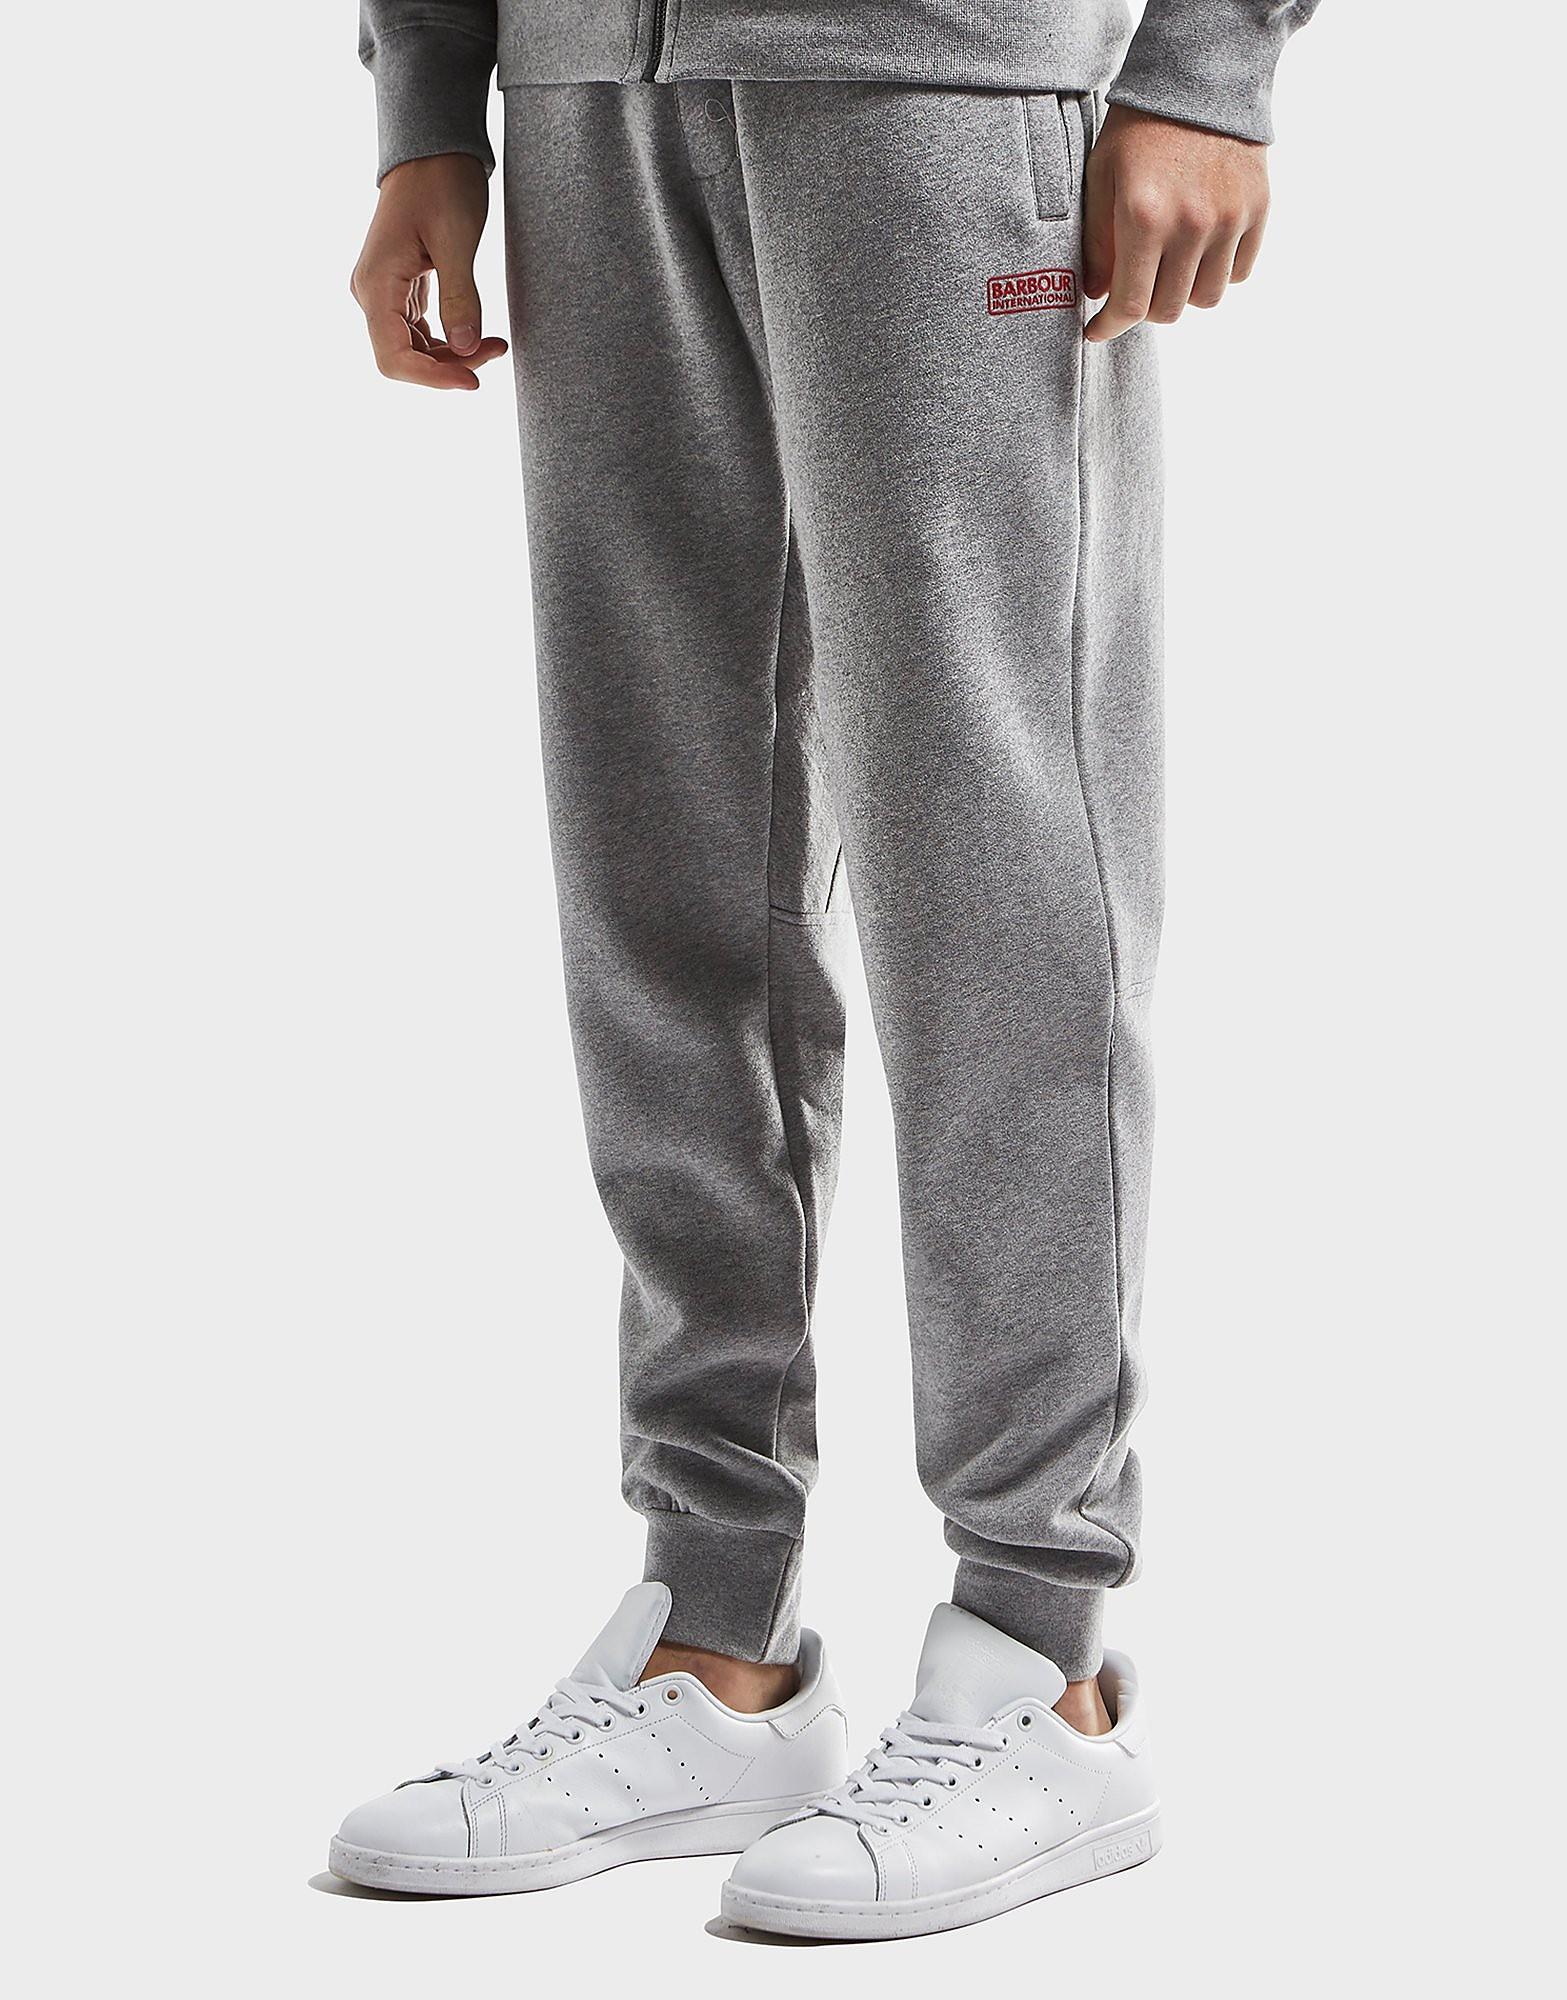 Barbour International Fleece Track Pants